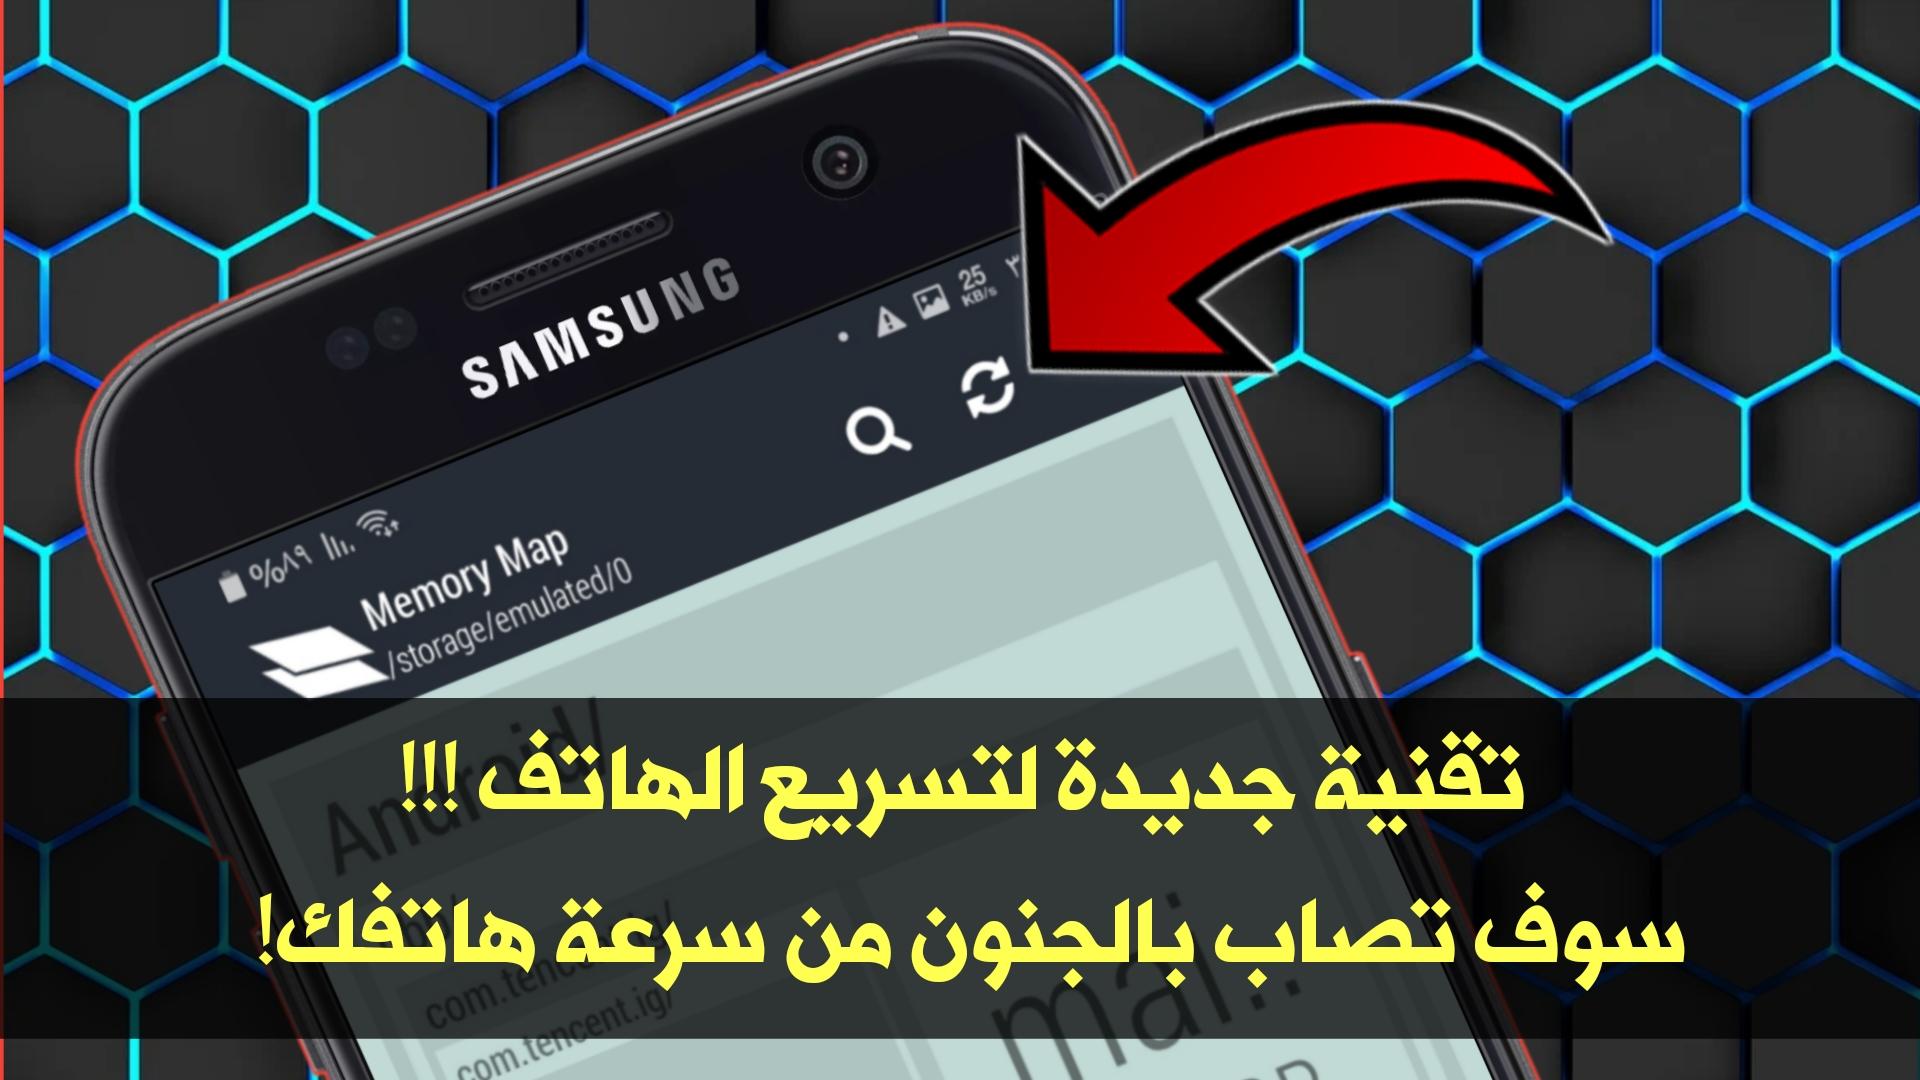 تقنية جديدة لتسريع الهاتف بضغطة واحدة !!!! سوف تصاب بالجنون من سرعة هاتفك !